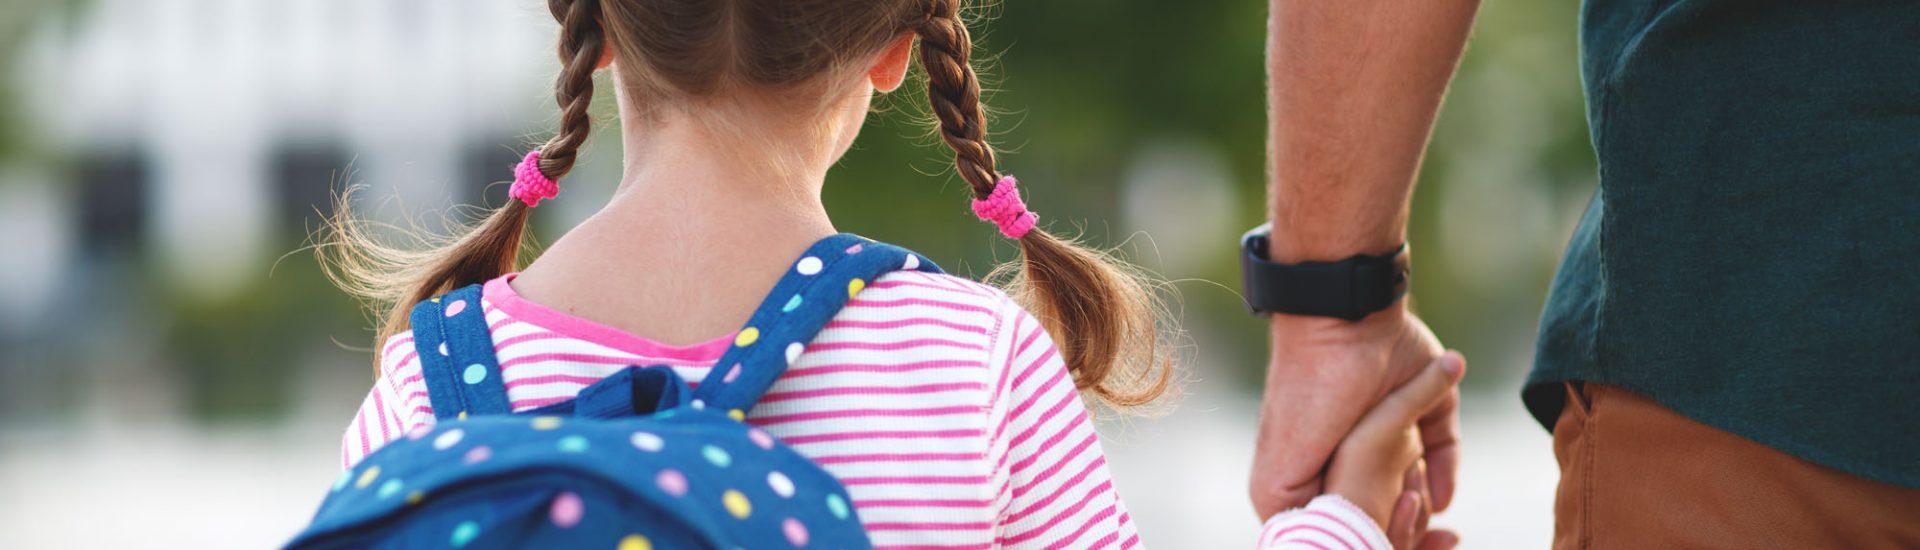 Top 3 Schulranzen für Mädchen - Worauf achten?